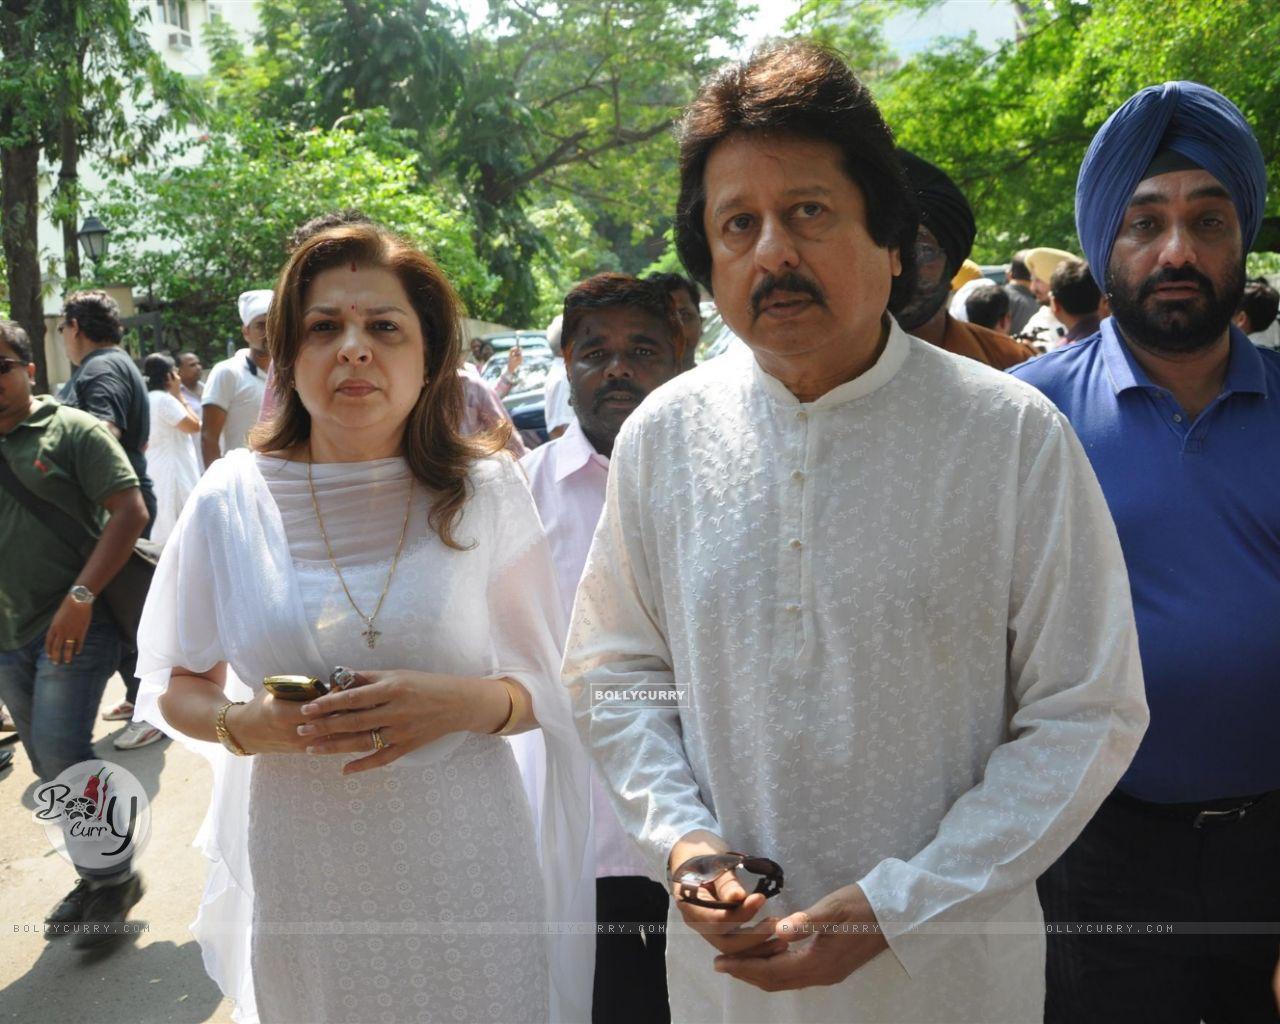 Chitra singer daughter funeral photos Chitra Singh s daughter ends life at Bandra home Mumbai News